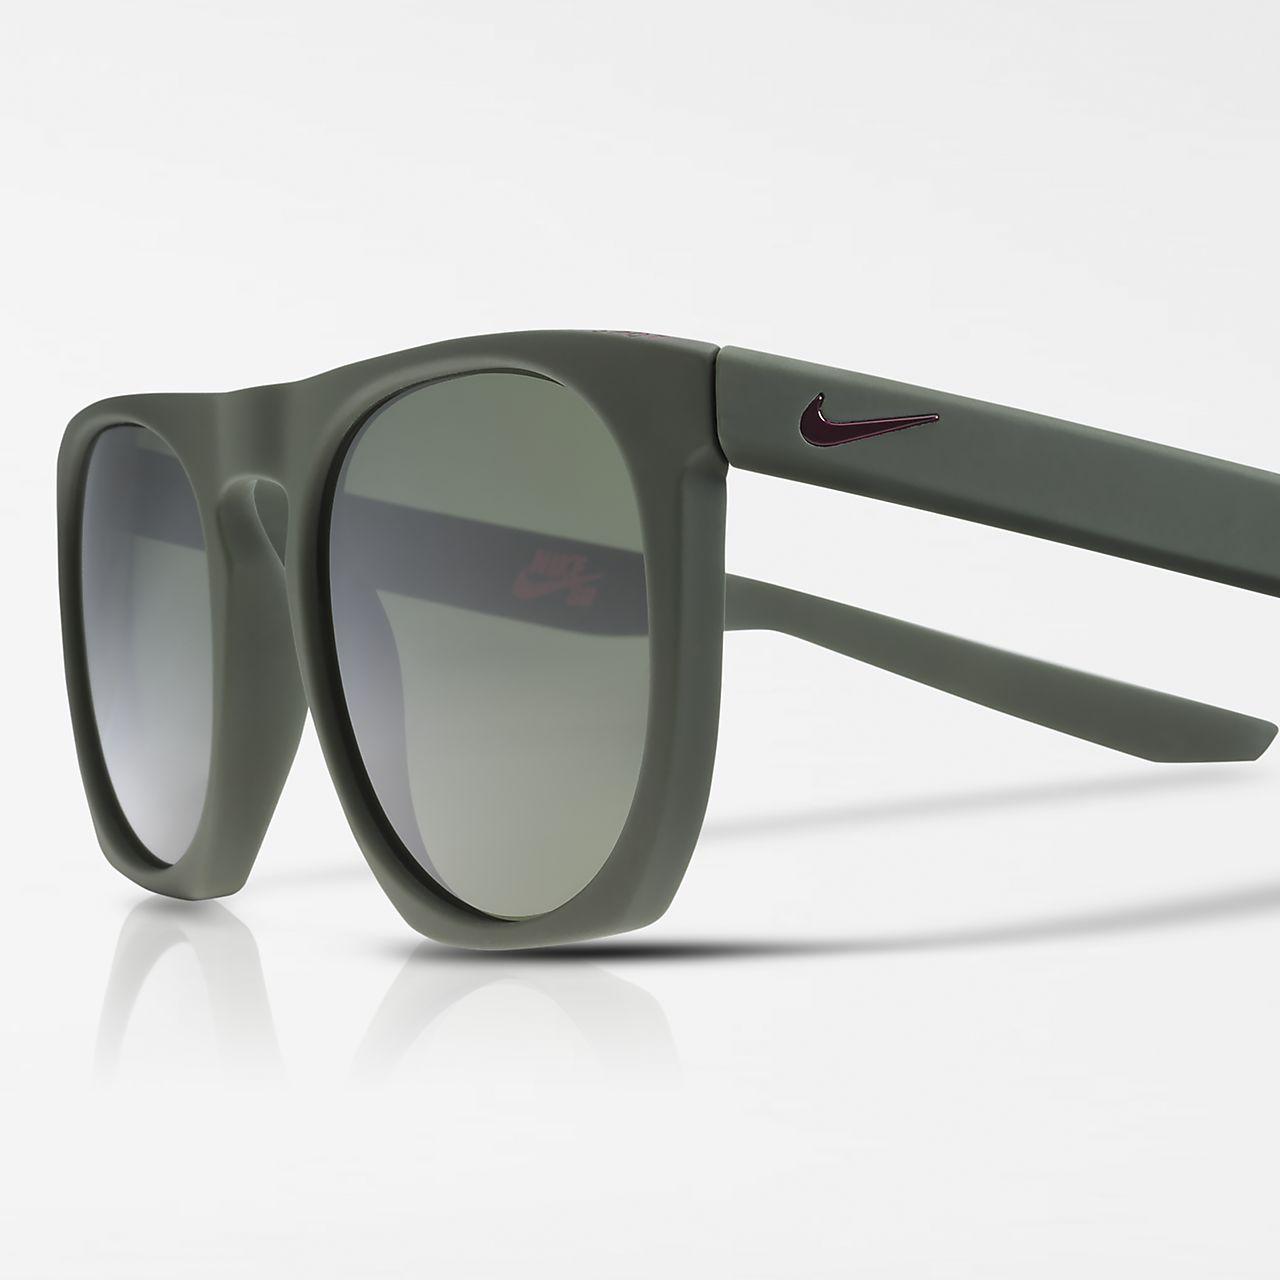 Nike Flatspot Sonnenbrille - Grün vWuMf